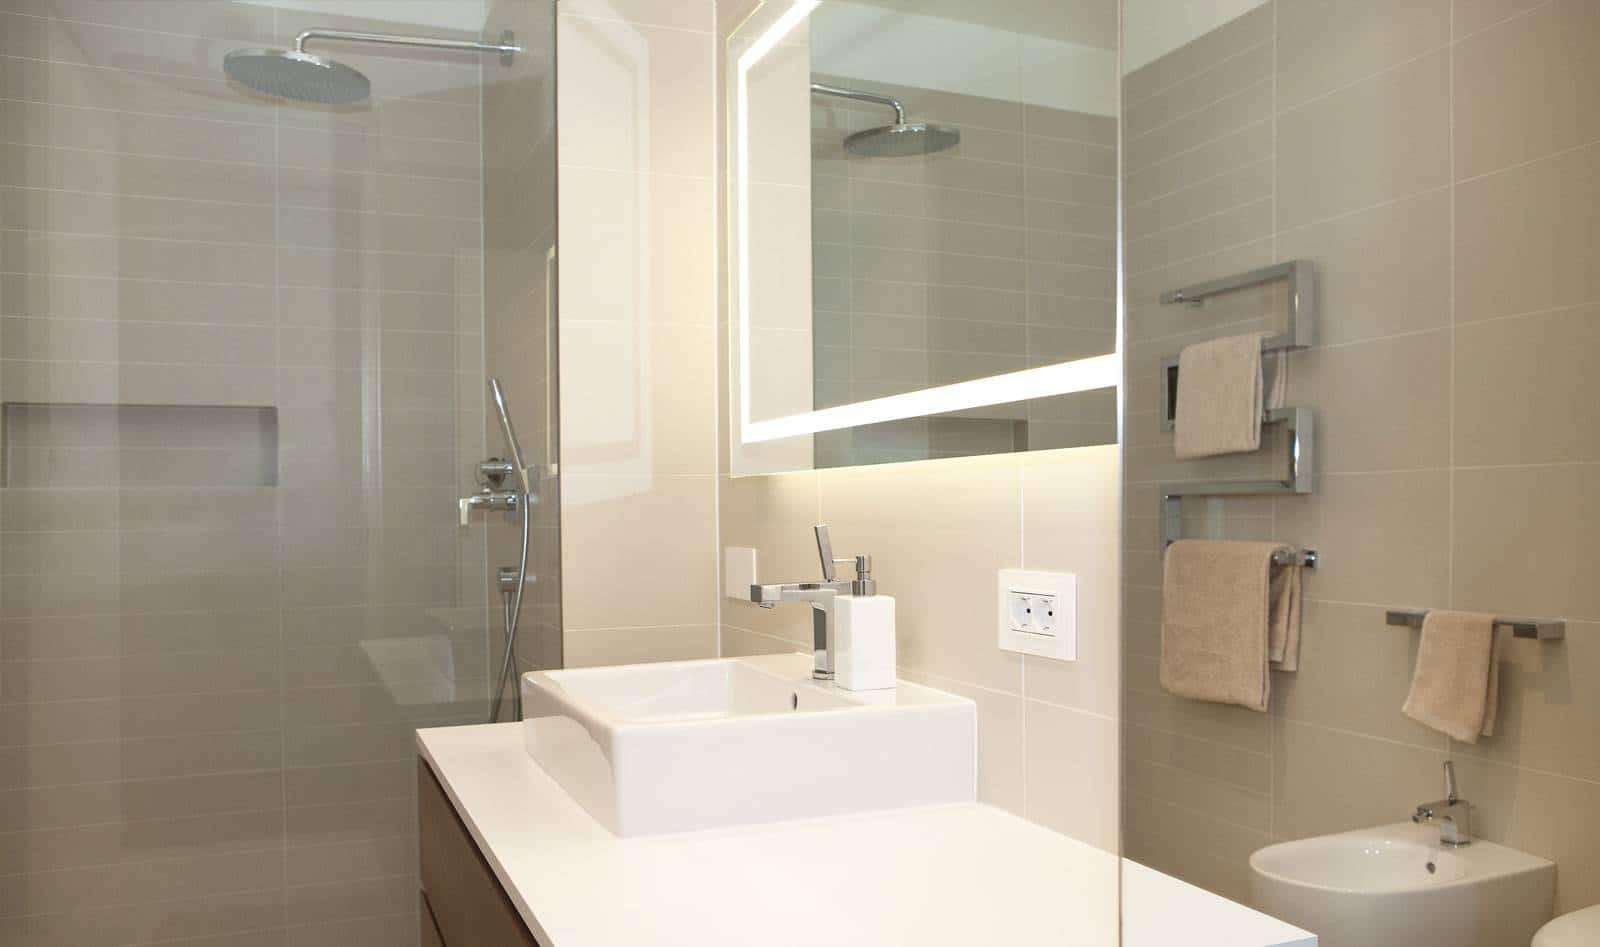 Dise o de planos de apartamento e interior construye hogar for Banos modernos para apartamentos